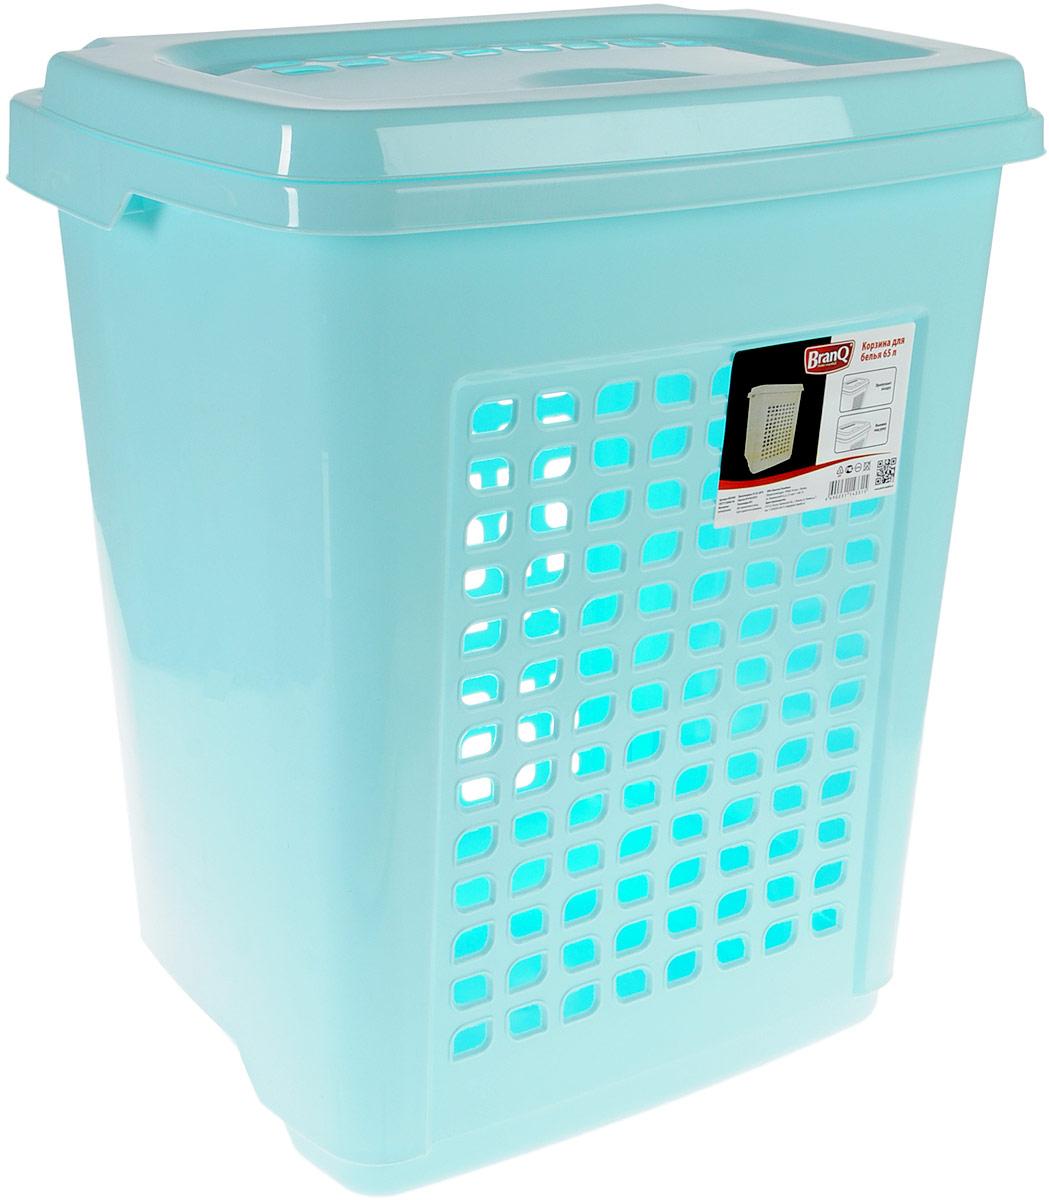 """Корзина для белья """"BranQ"""" изготовлена из прочного пластика и оформлена перфорированными отверстиями, благодаря которым обеспечивается естественная вентиляция. Корзина оснащена крышкой, на которой имеется выемка для удобного открывания. Такая корзина для белья прекрасно впишется в интерьер ванной комнаты."""